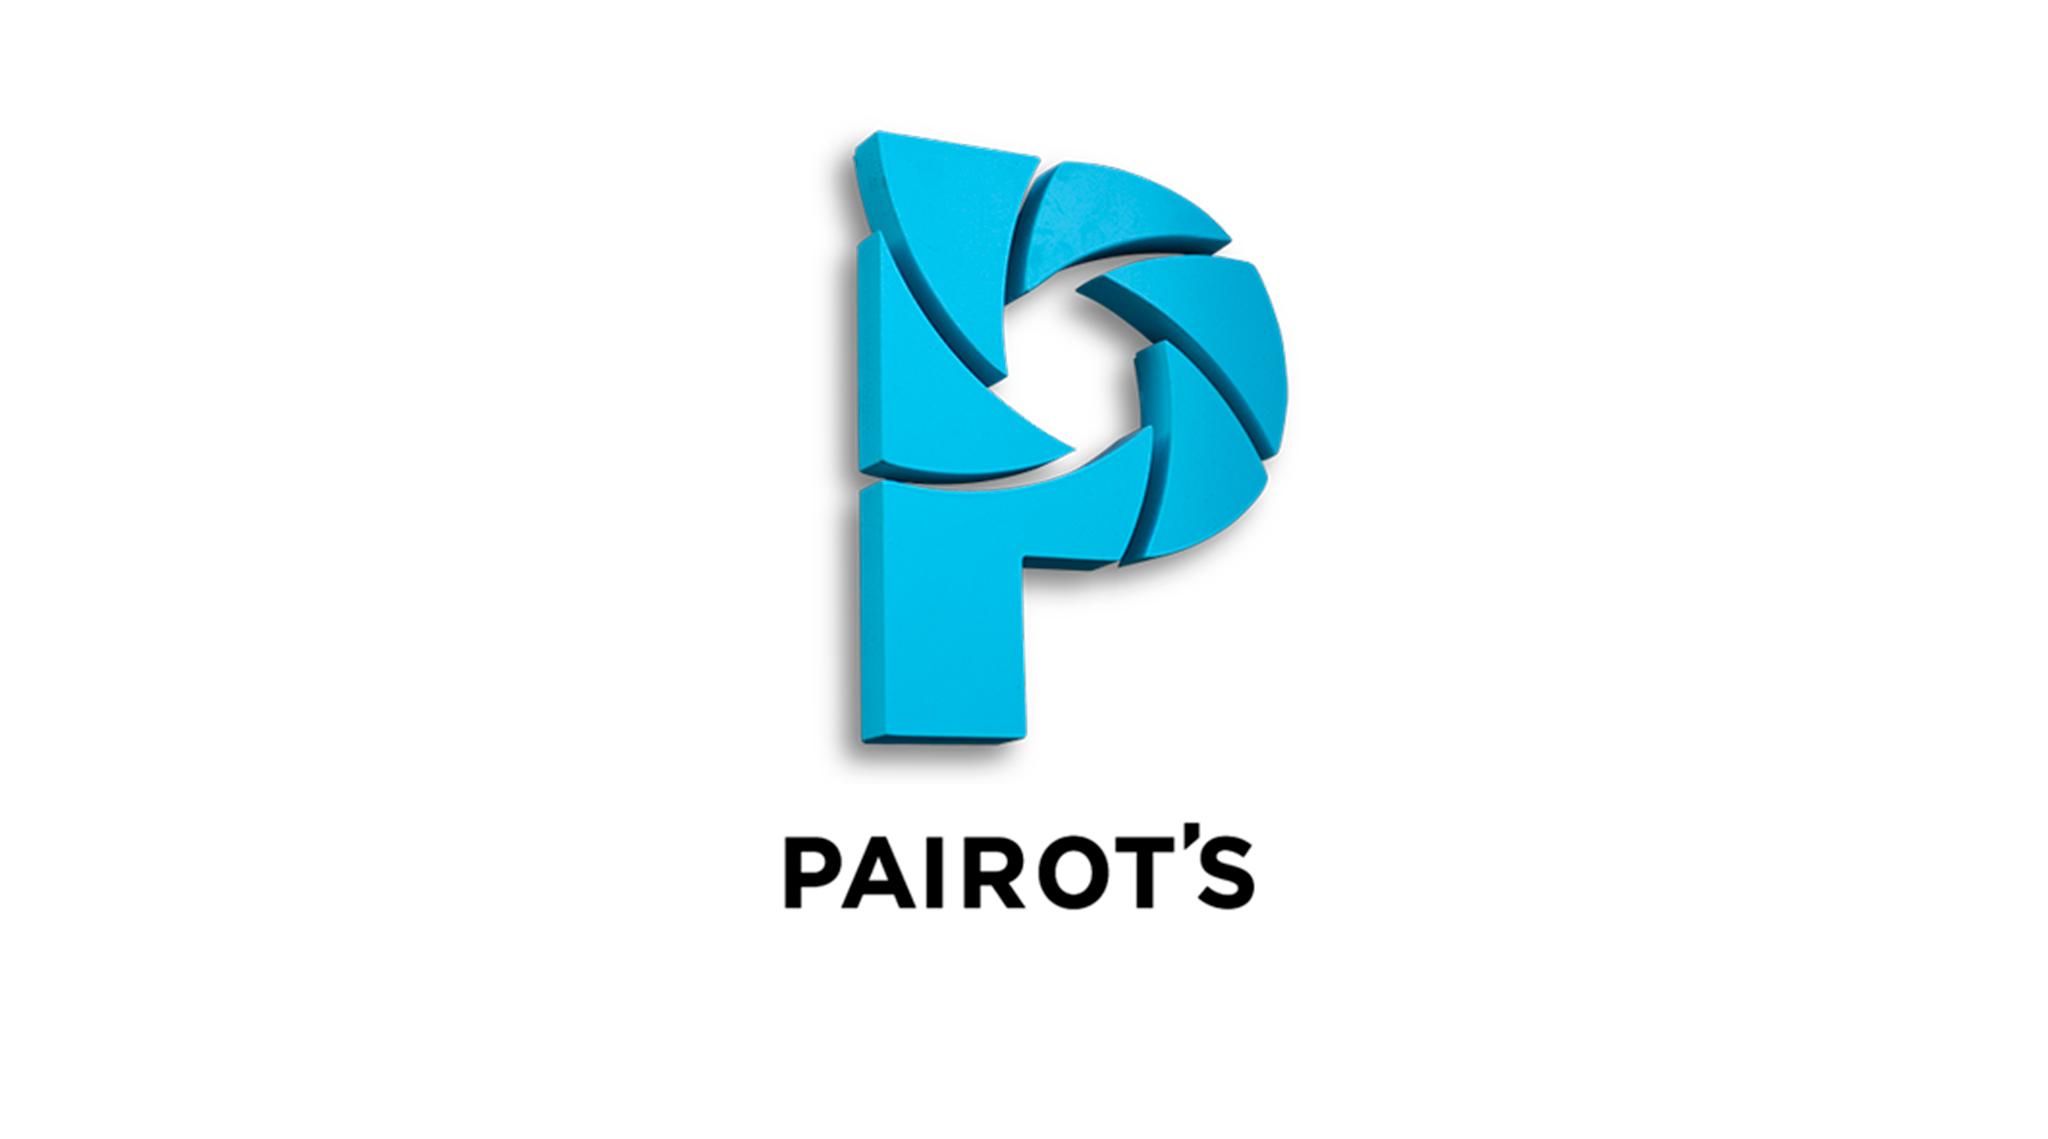 Pairot's Photographers